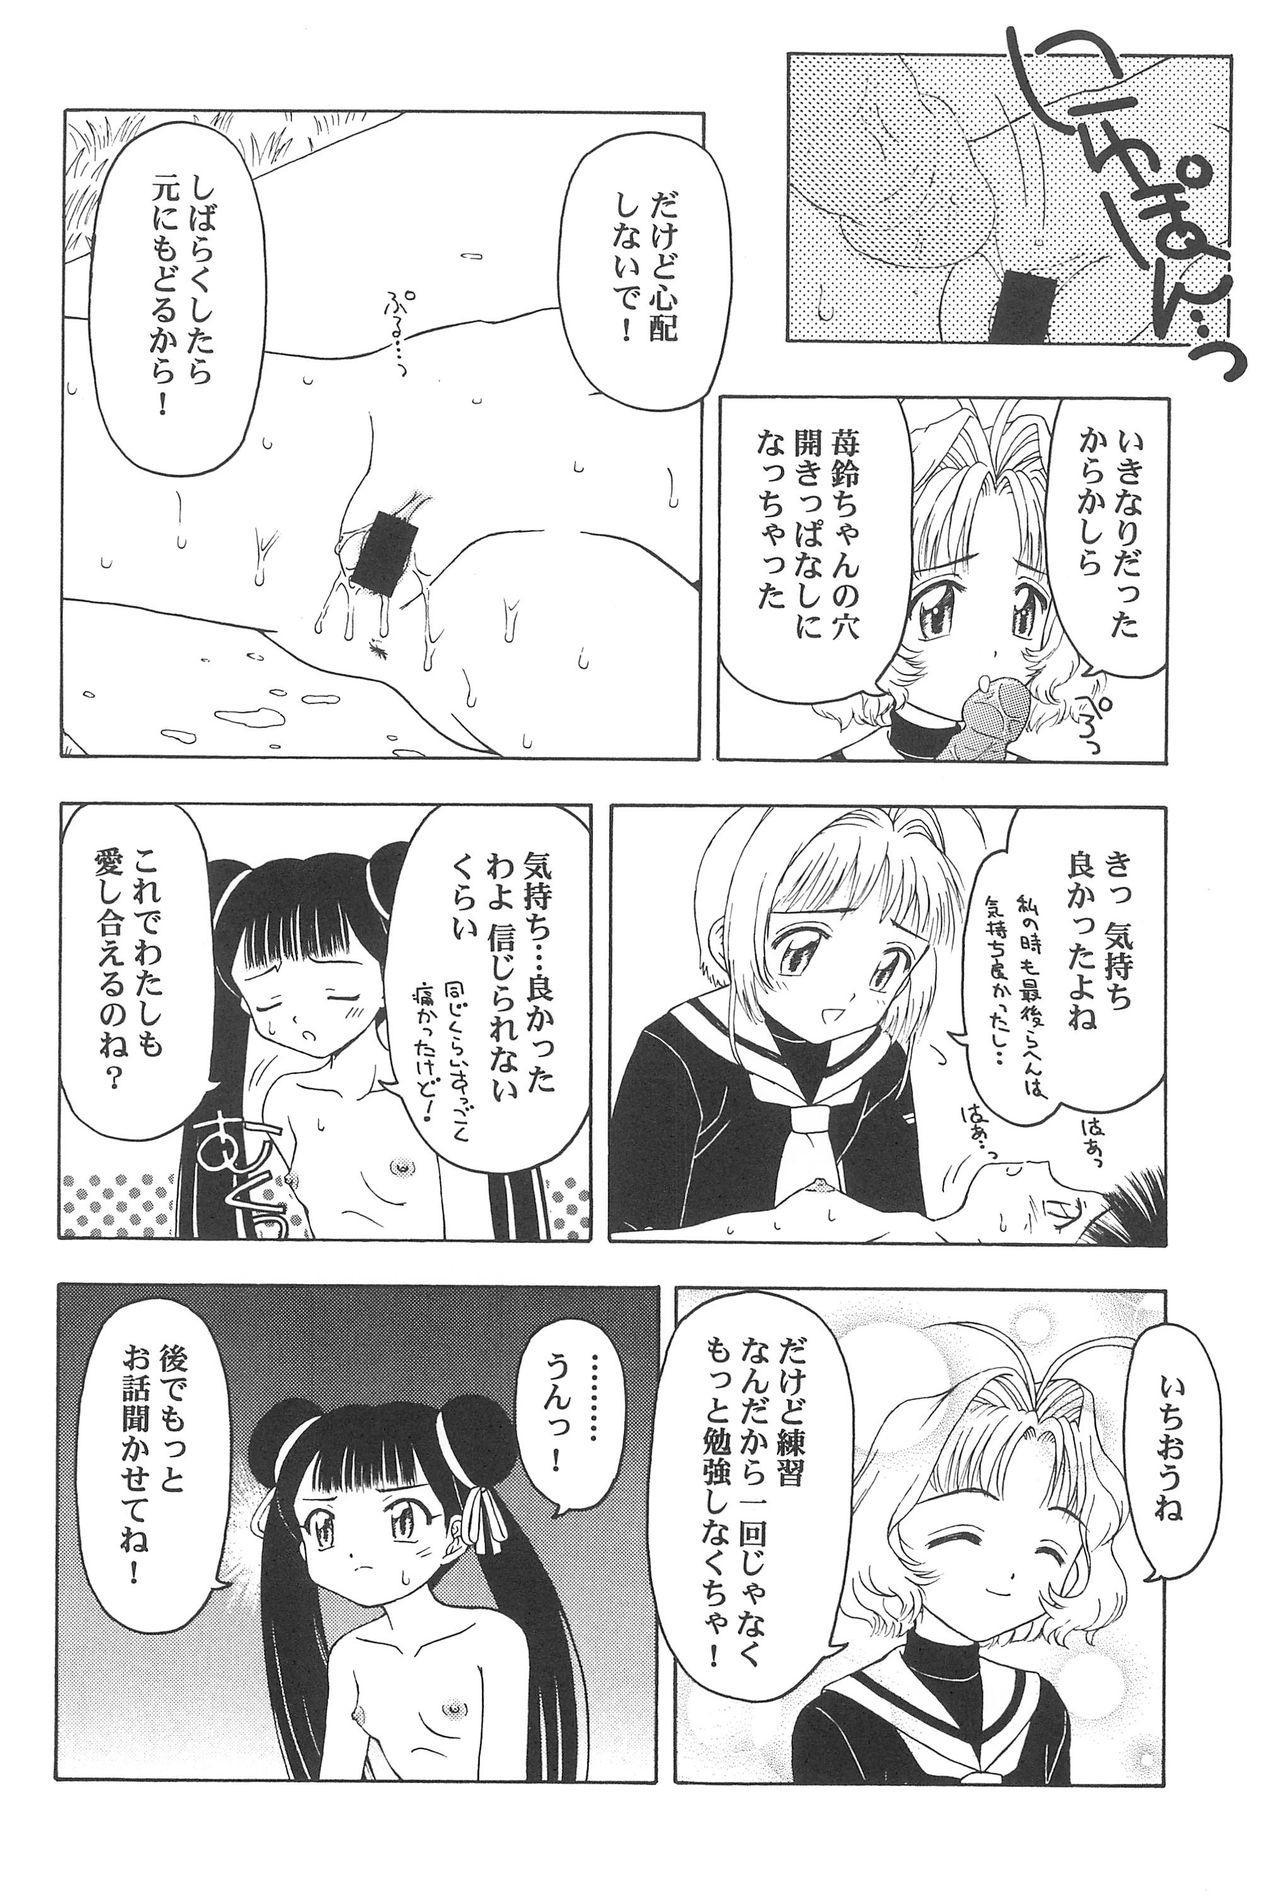 Sakura to Tomoyo ALL OF INTERCOURSE Jou 58